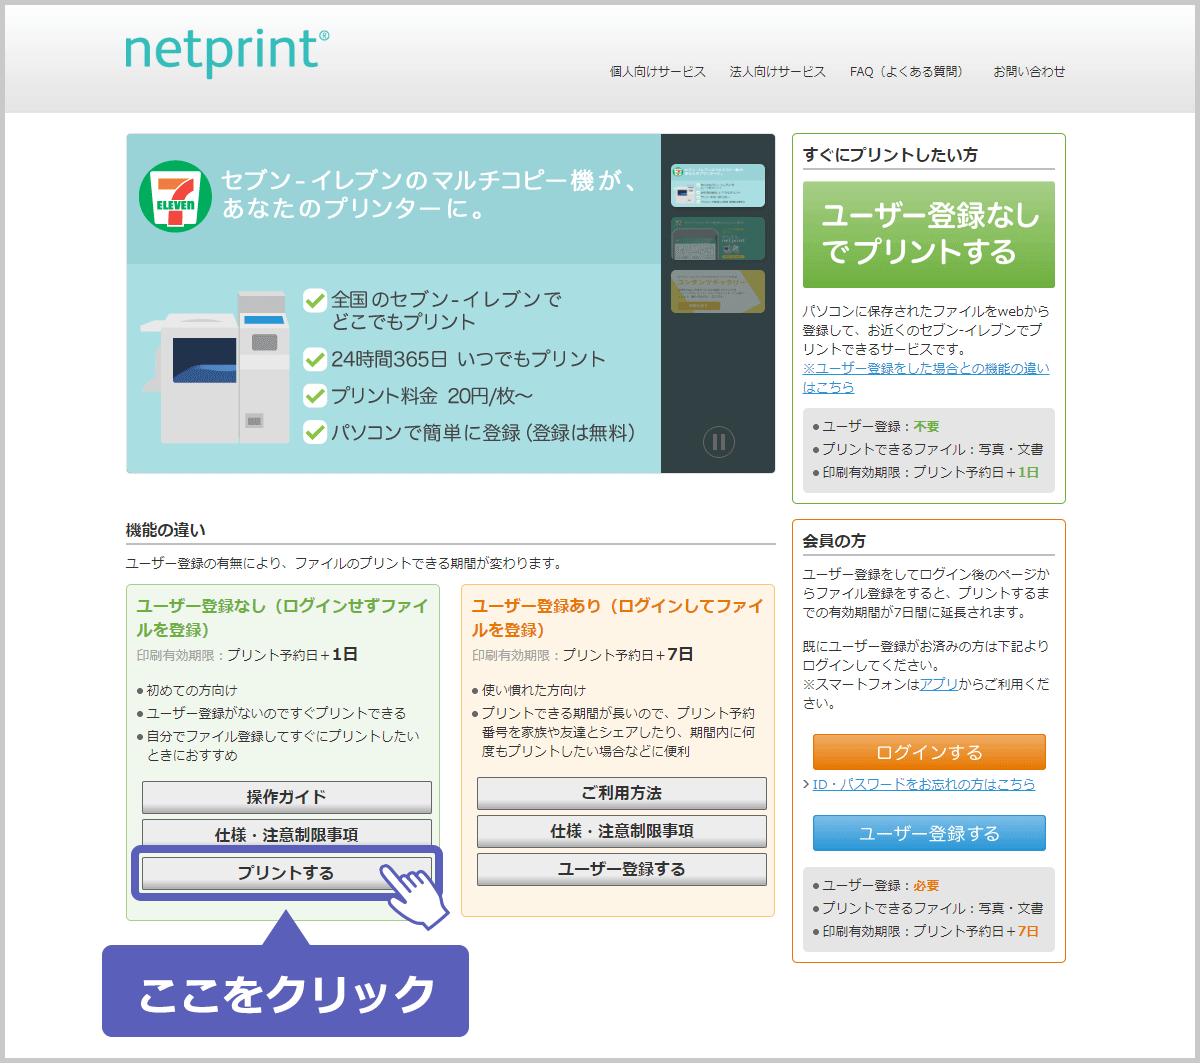 【ネットプリント】1